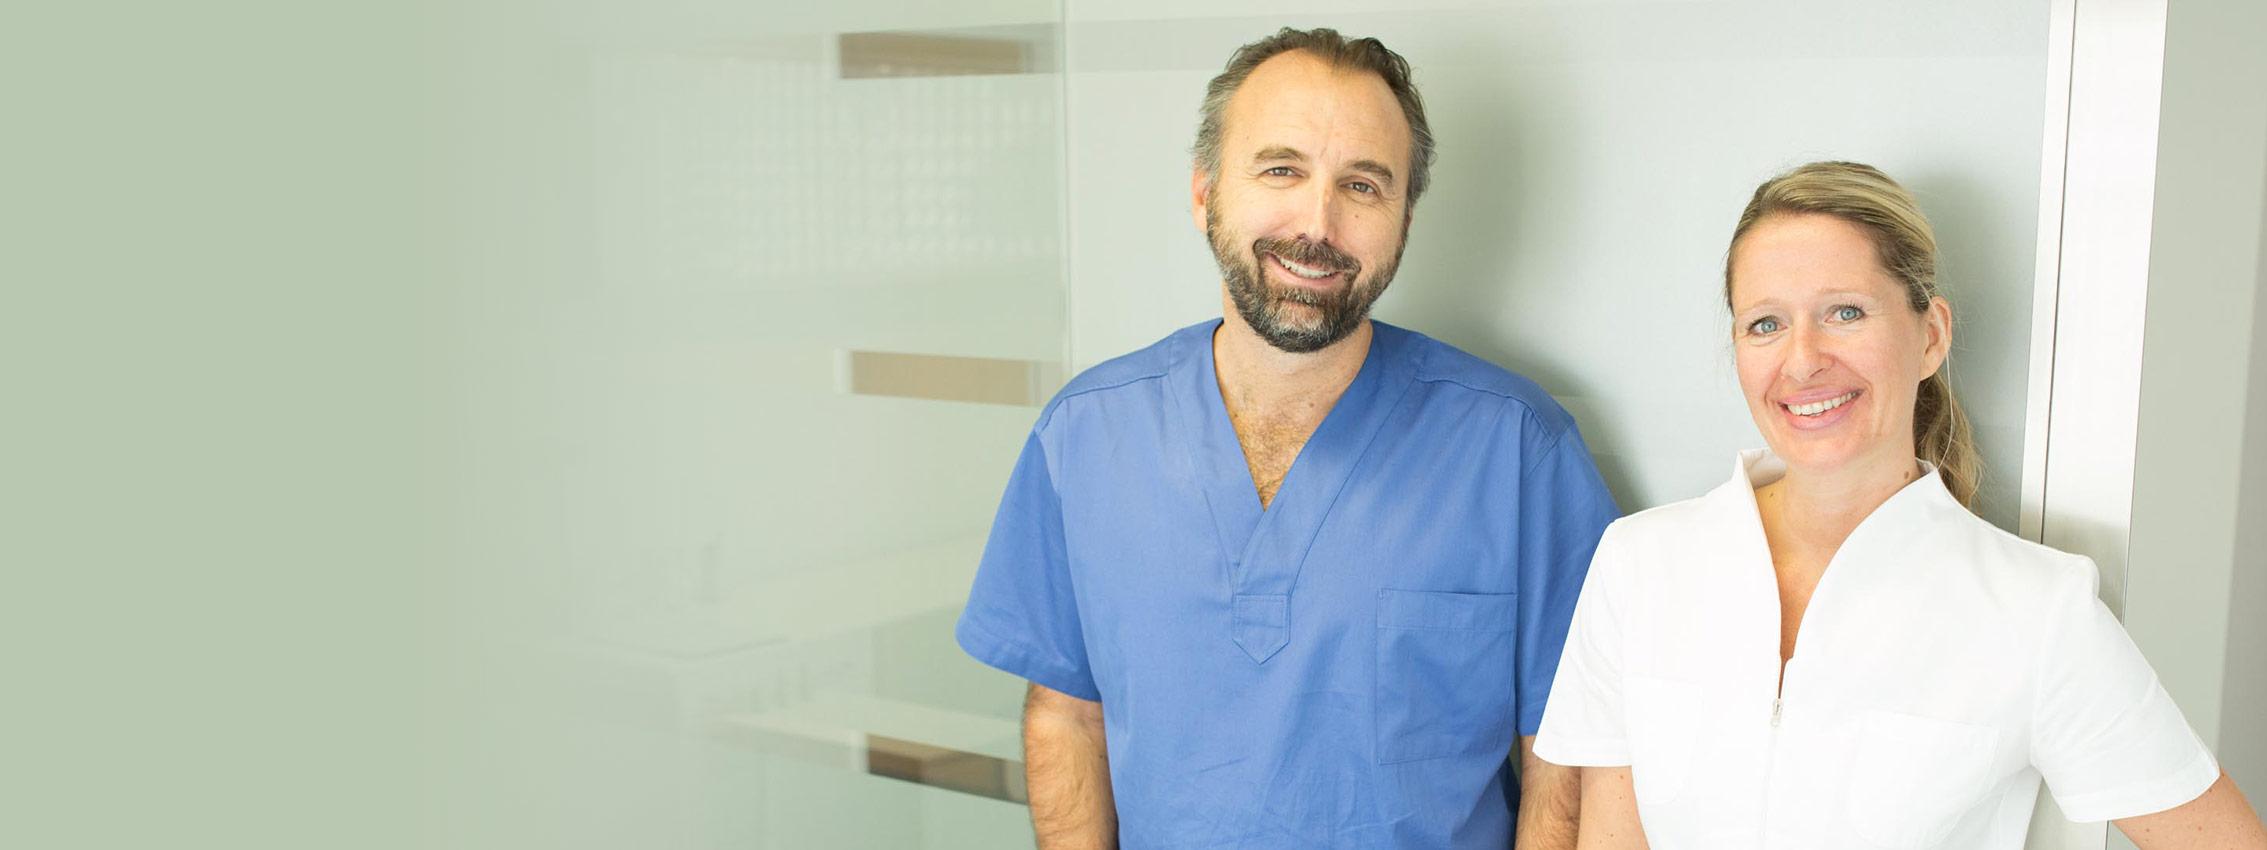 willkommen-dentalspecialists-egerkingen